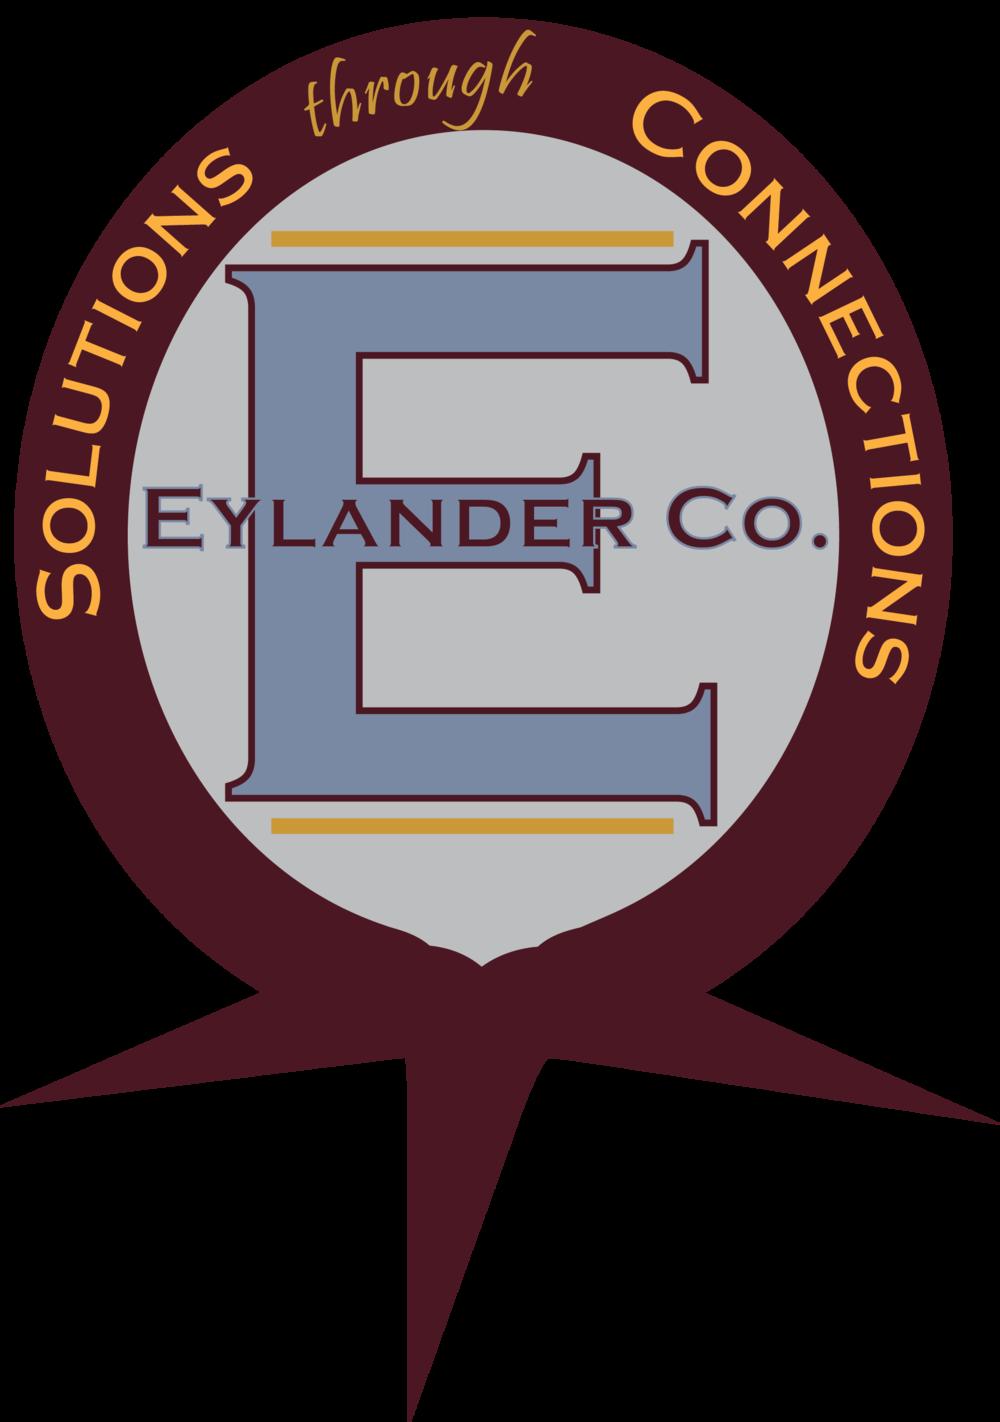 Eylander Co logo rev1.png